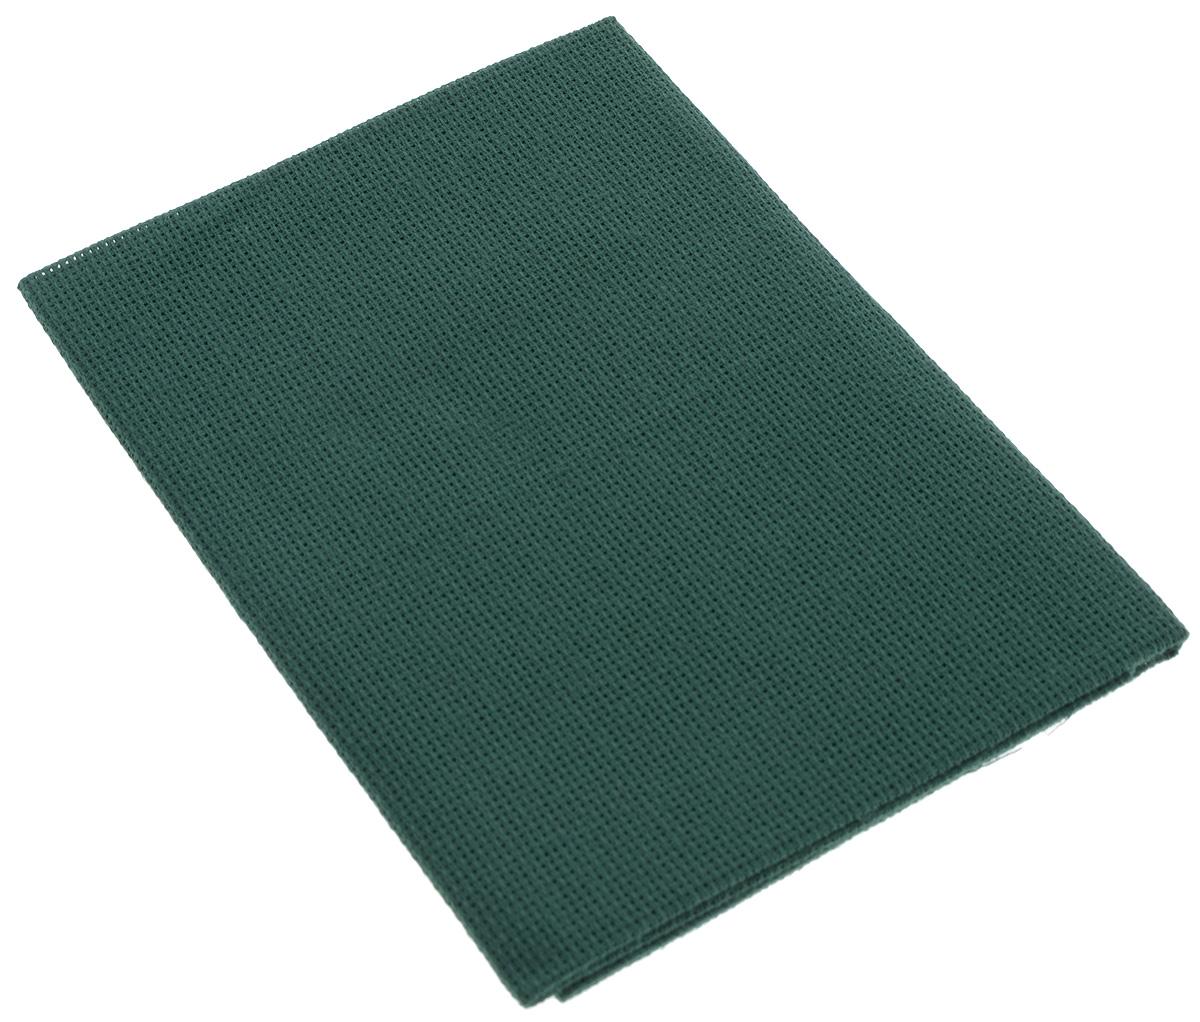 Канва для вышивания Астра Aida 16, цвет: зеленый, 50 х 50 см aida 16 594